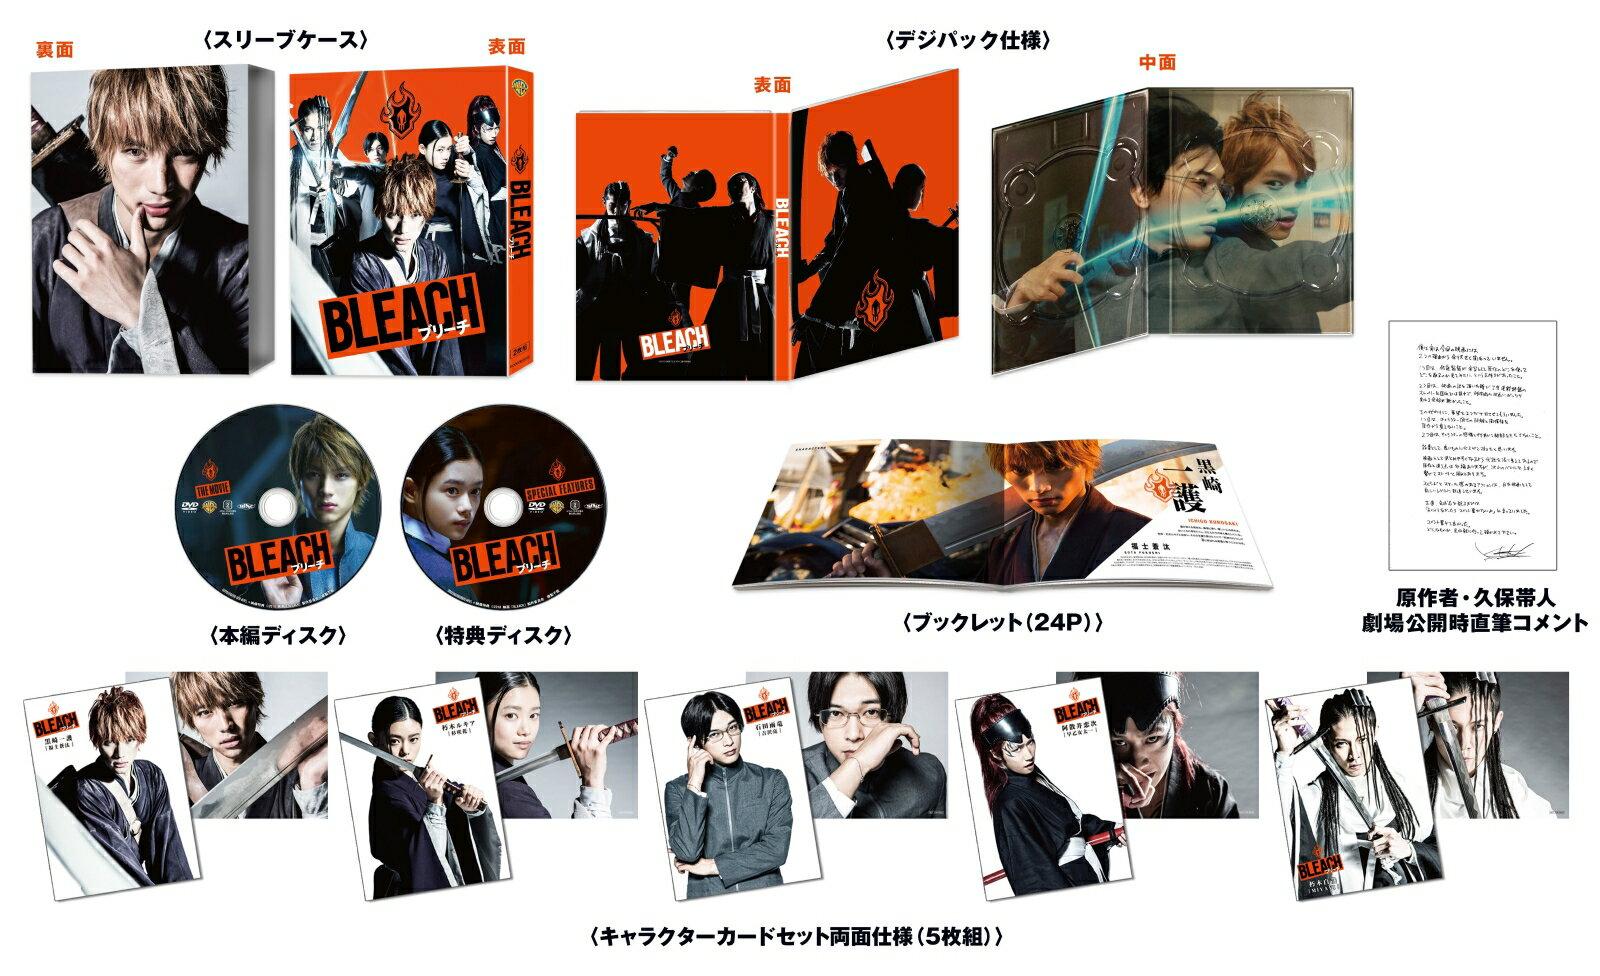 【先着特典】BLEACH DVD プレミアム・エディション(初回仕様)(キャラクタートレーディングカード付き)